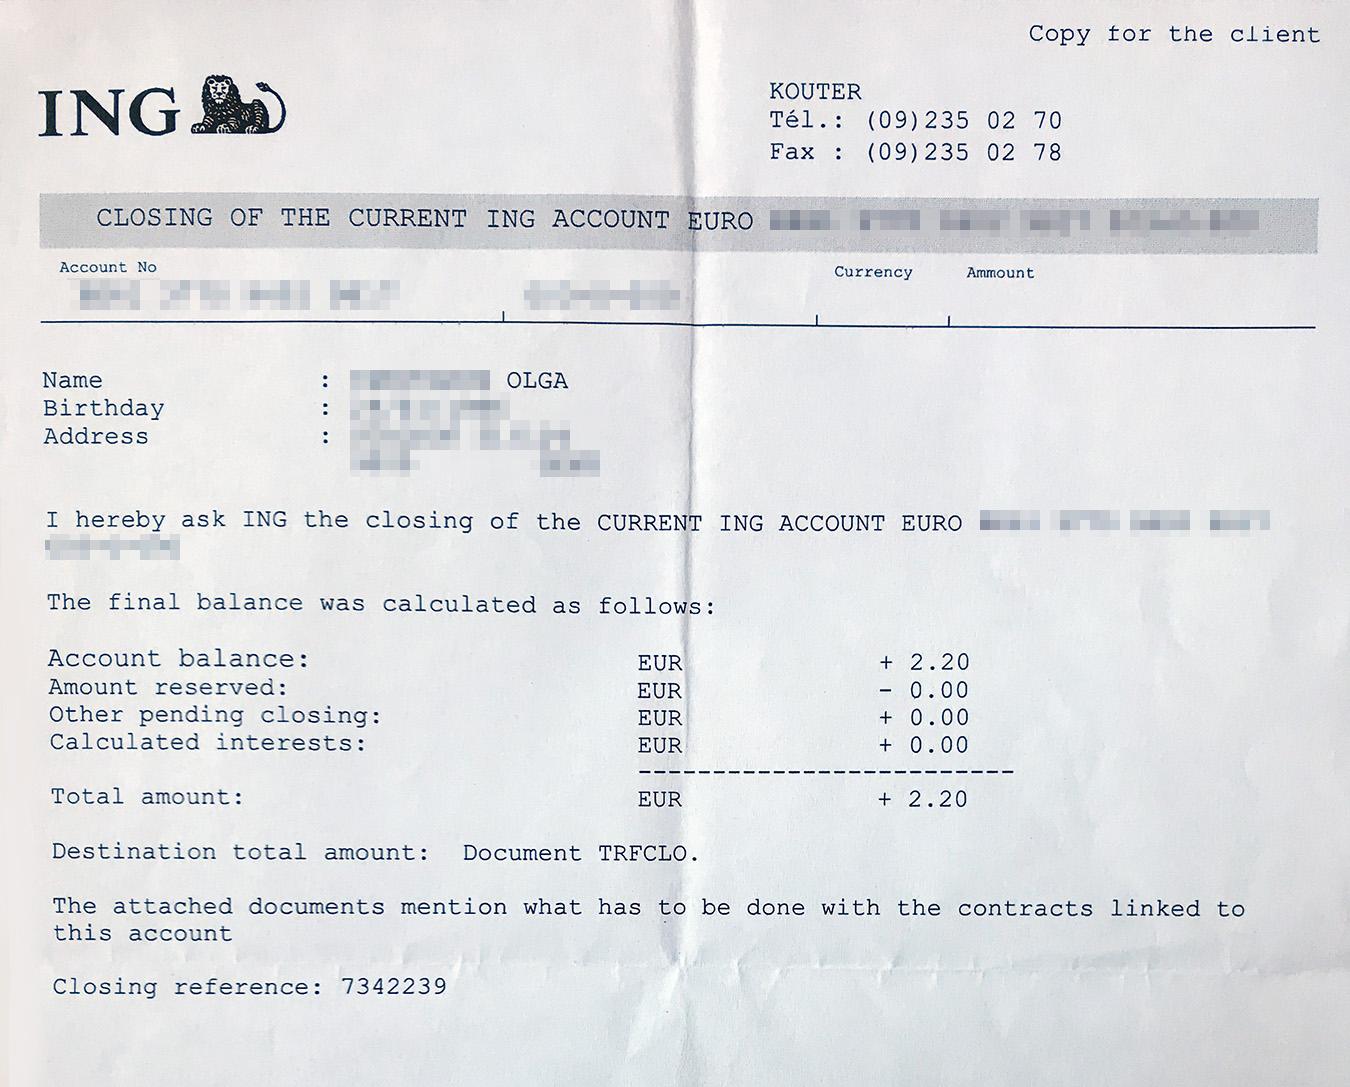 Когда я закрыла счет, остаток перевели на мой чешский евровый счет. Это заняло около недели